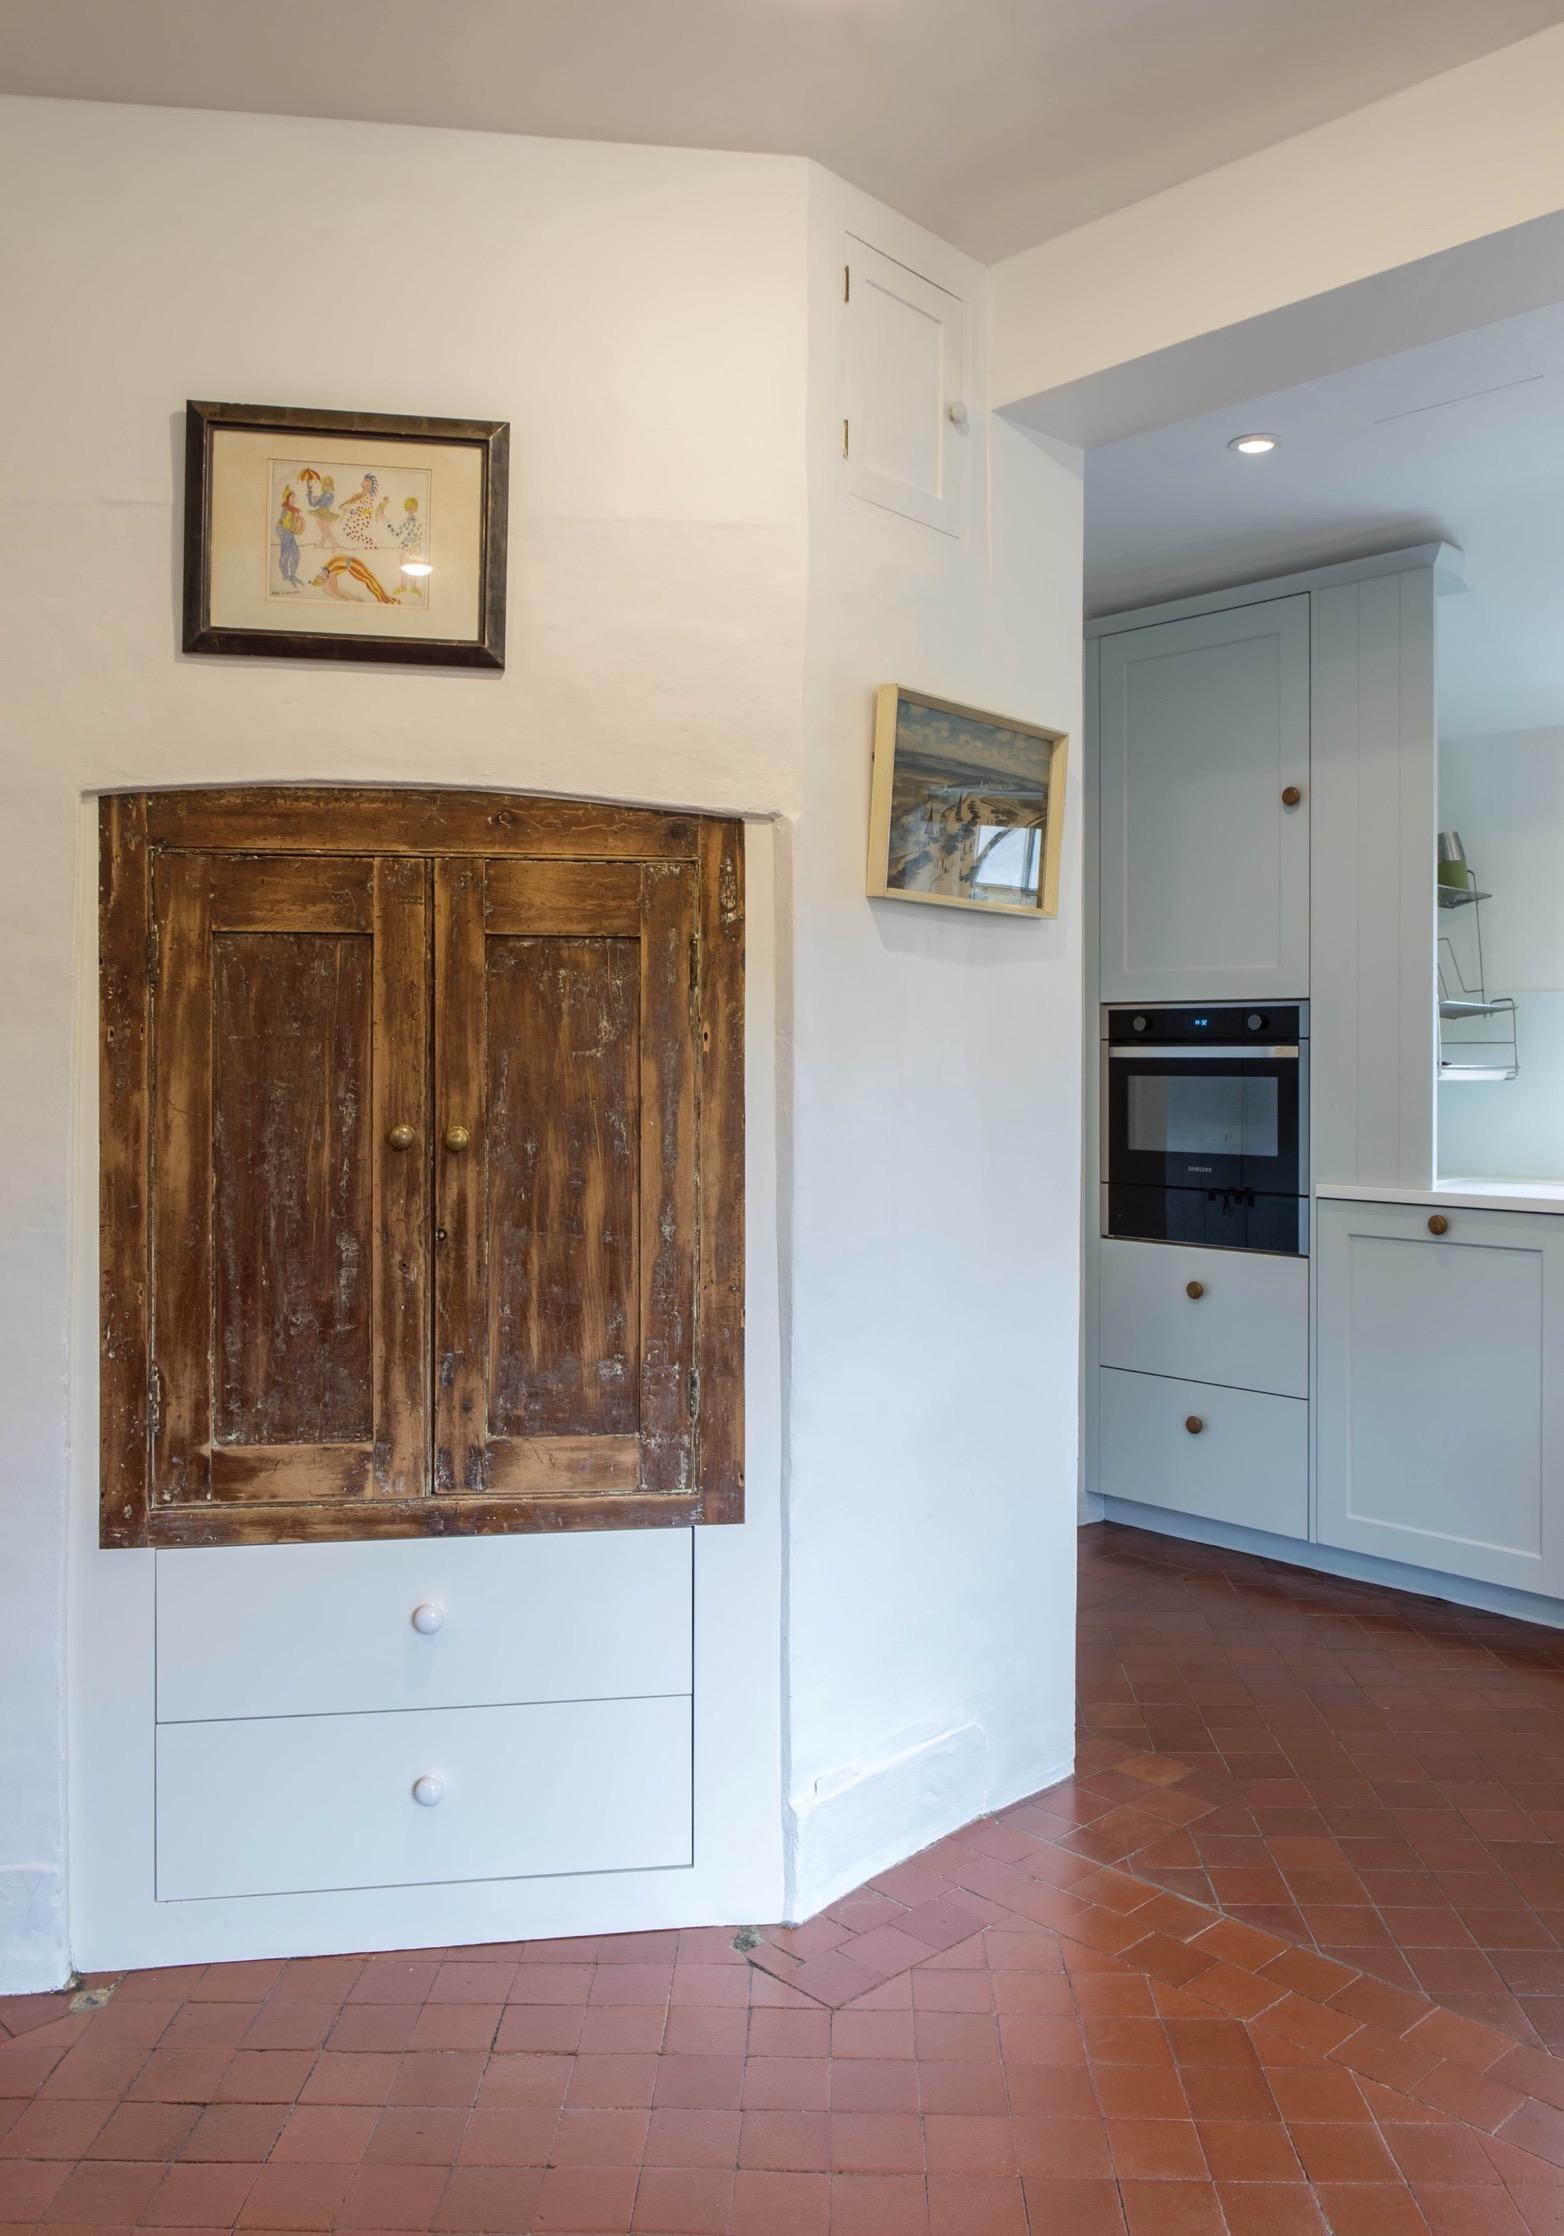 handpainted kitchen made to measure haddenham bespoke buckinghamshire 7